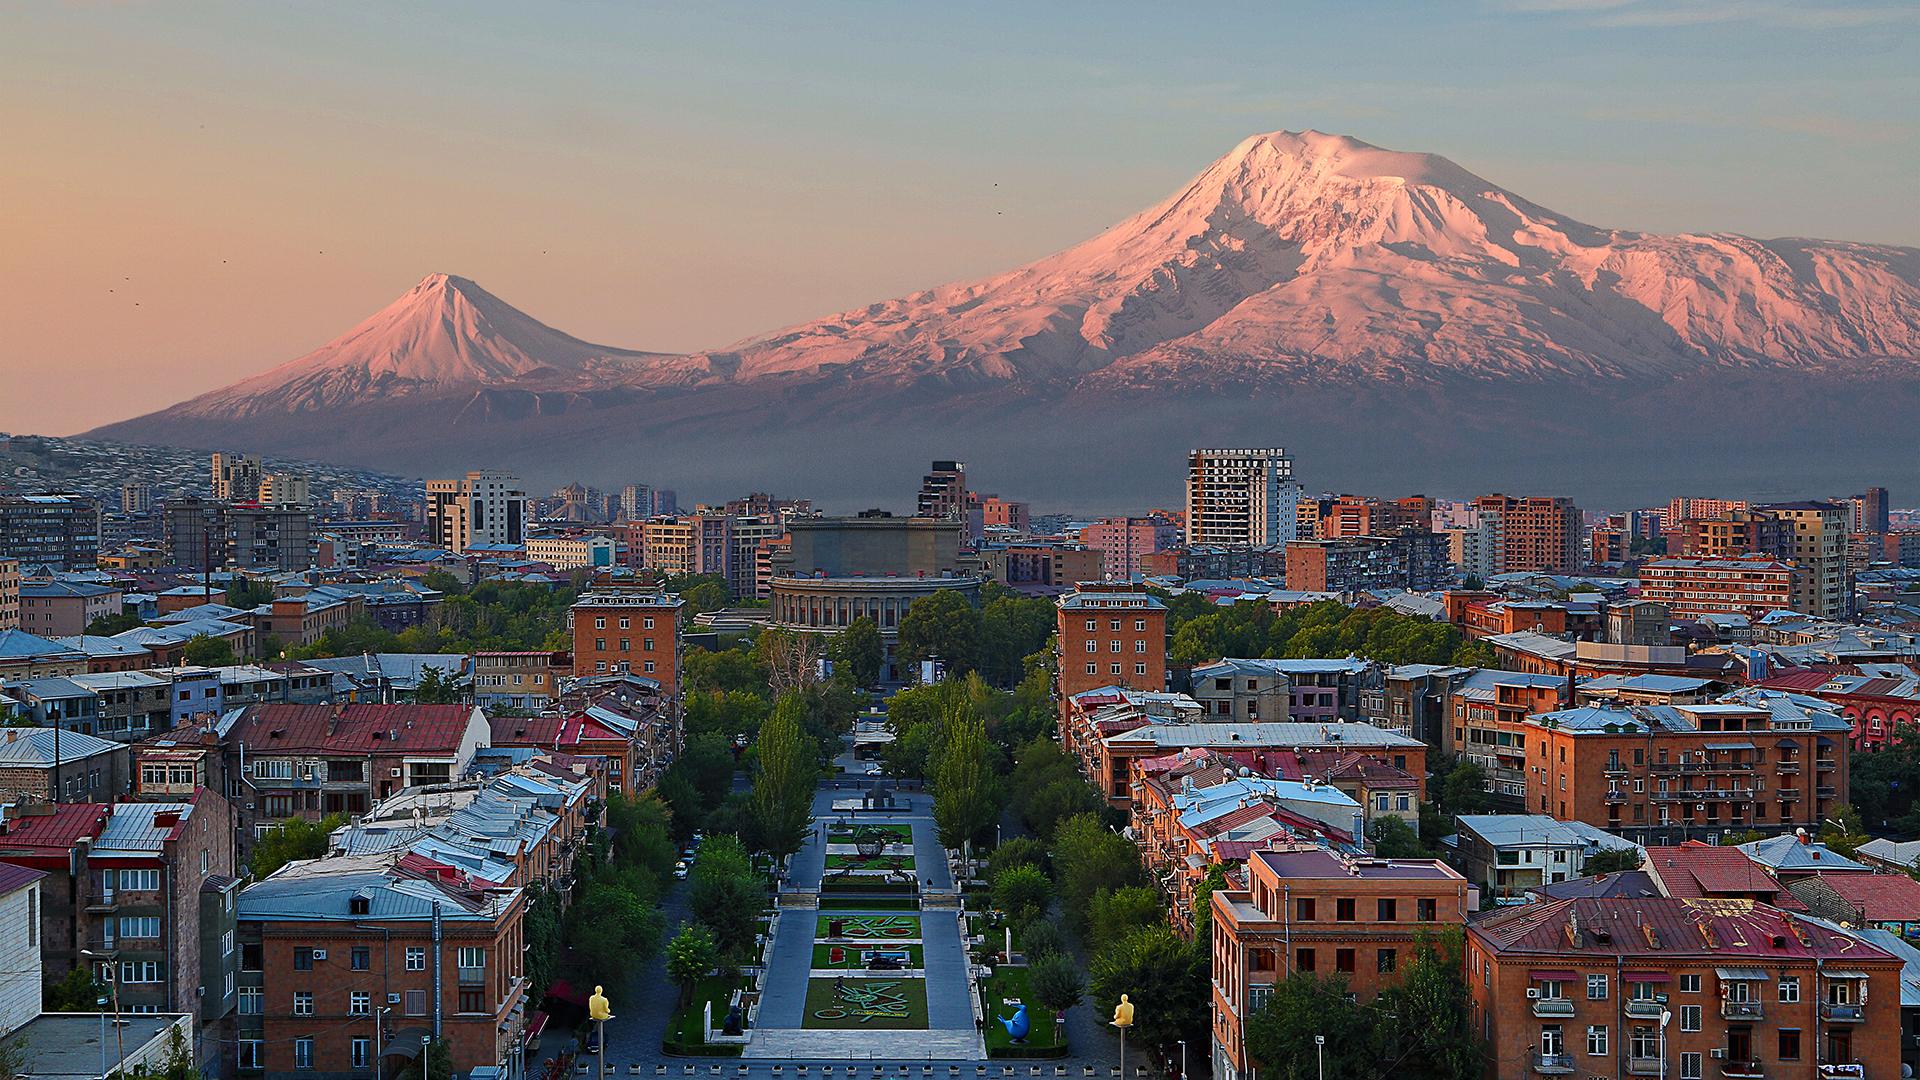 La República de Armenia, es un país del Cáucaso Sur y sin salida al mar localizado entre Europa Oriental y Asia Occidental